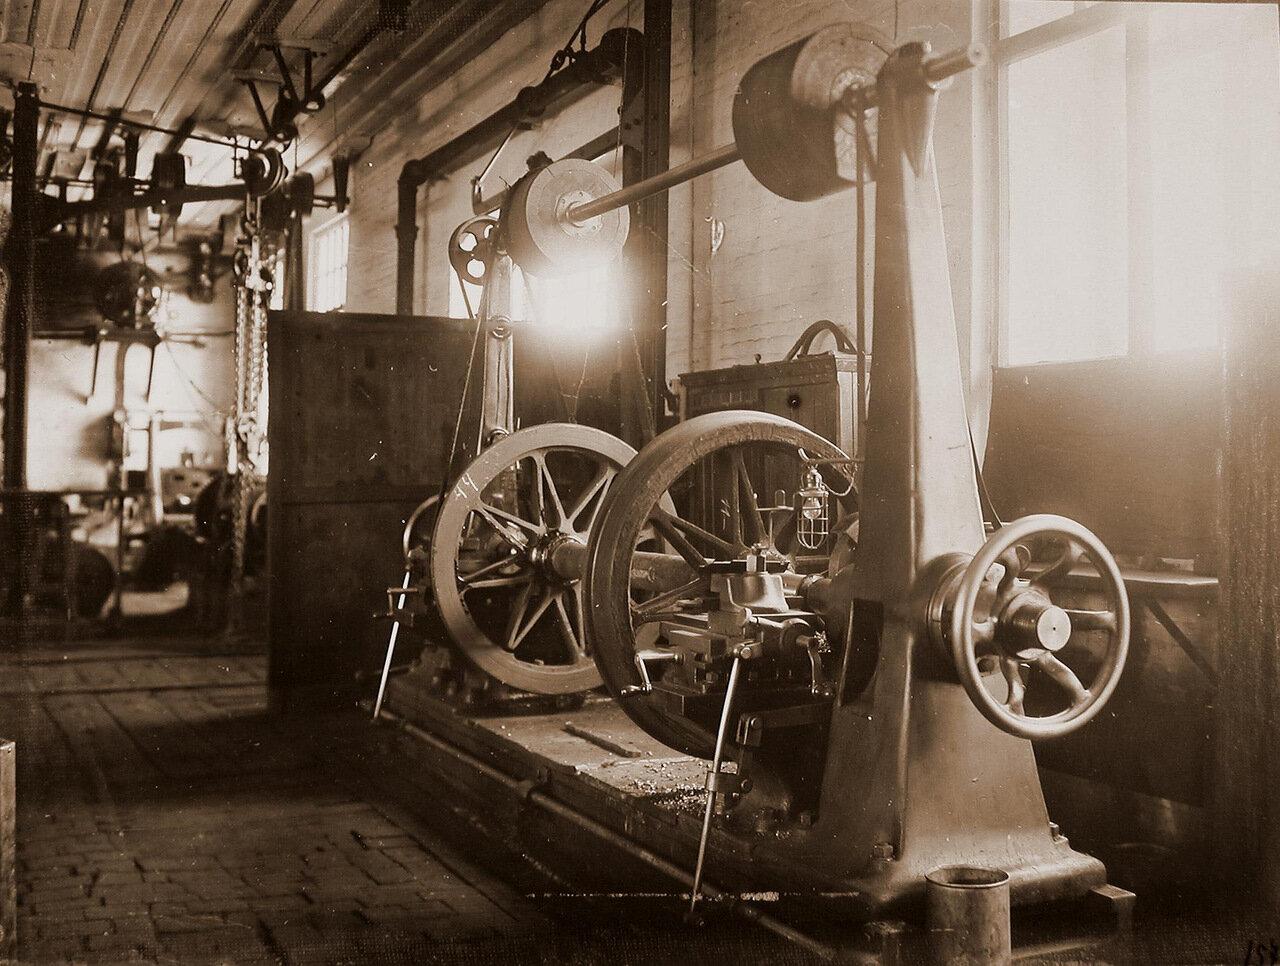 42. Вид станка по одной из операций по изготовлению колесных пар паровозов, произведенного Обществом бывшего Фельзера и Ко в Риге, в одном из цехов мастерской